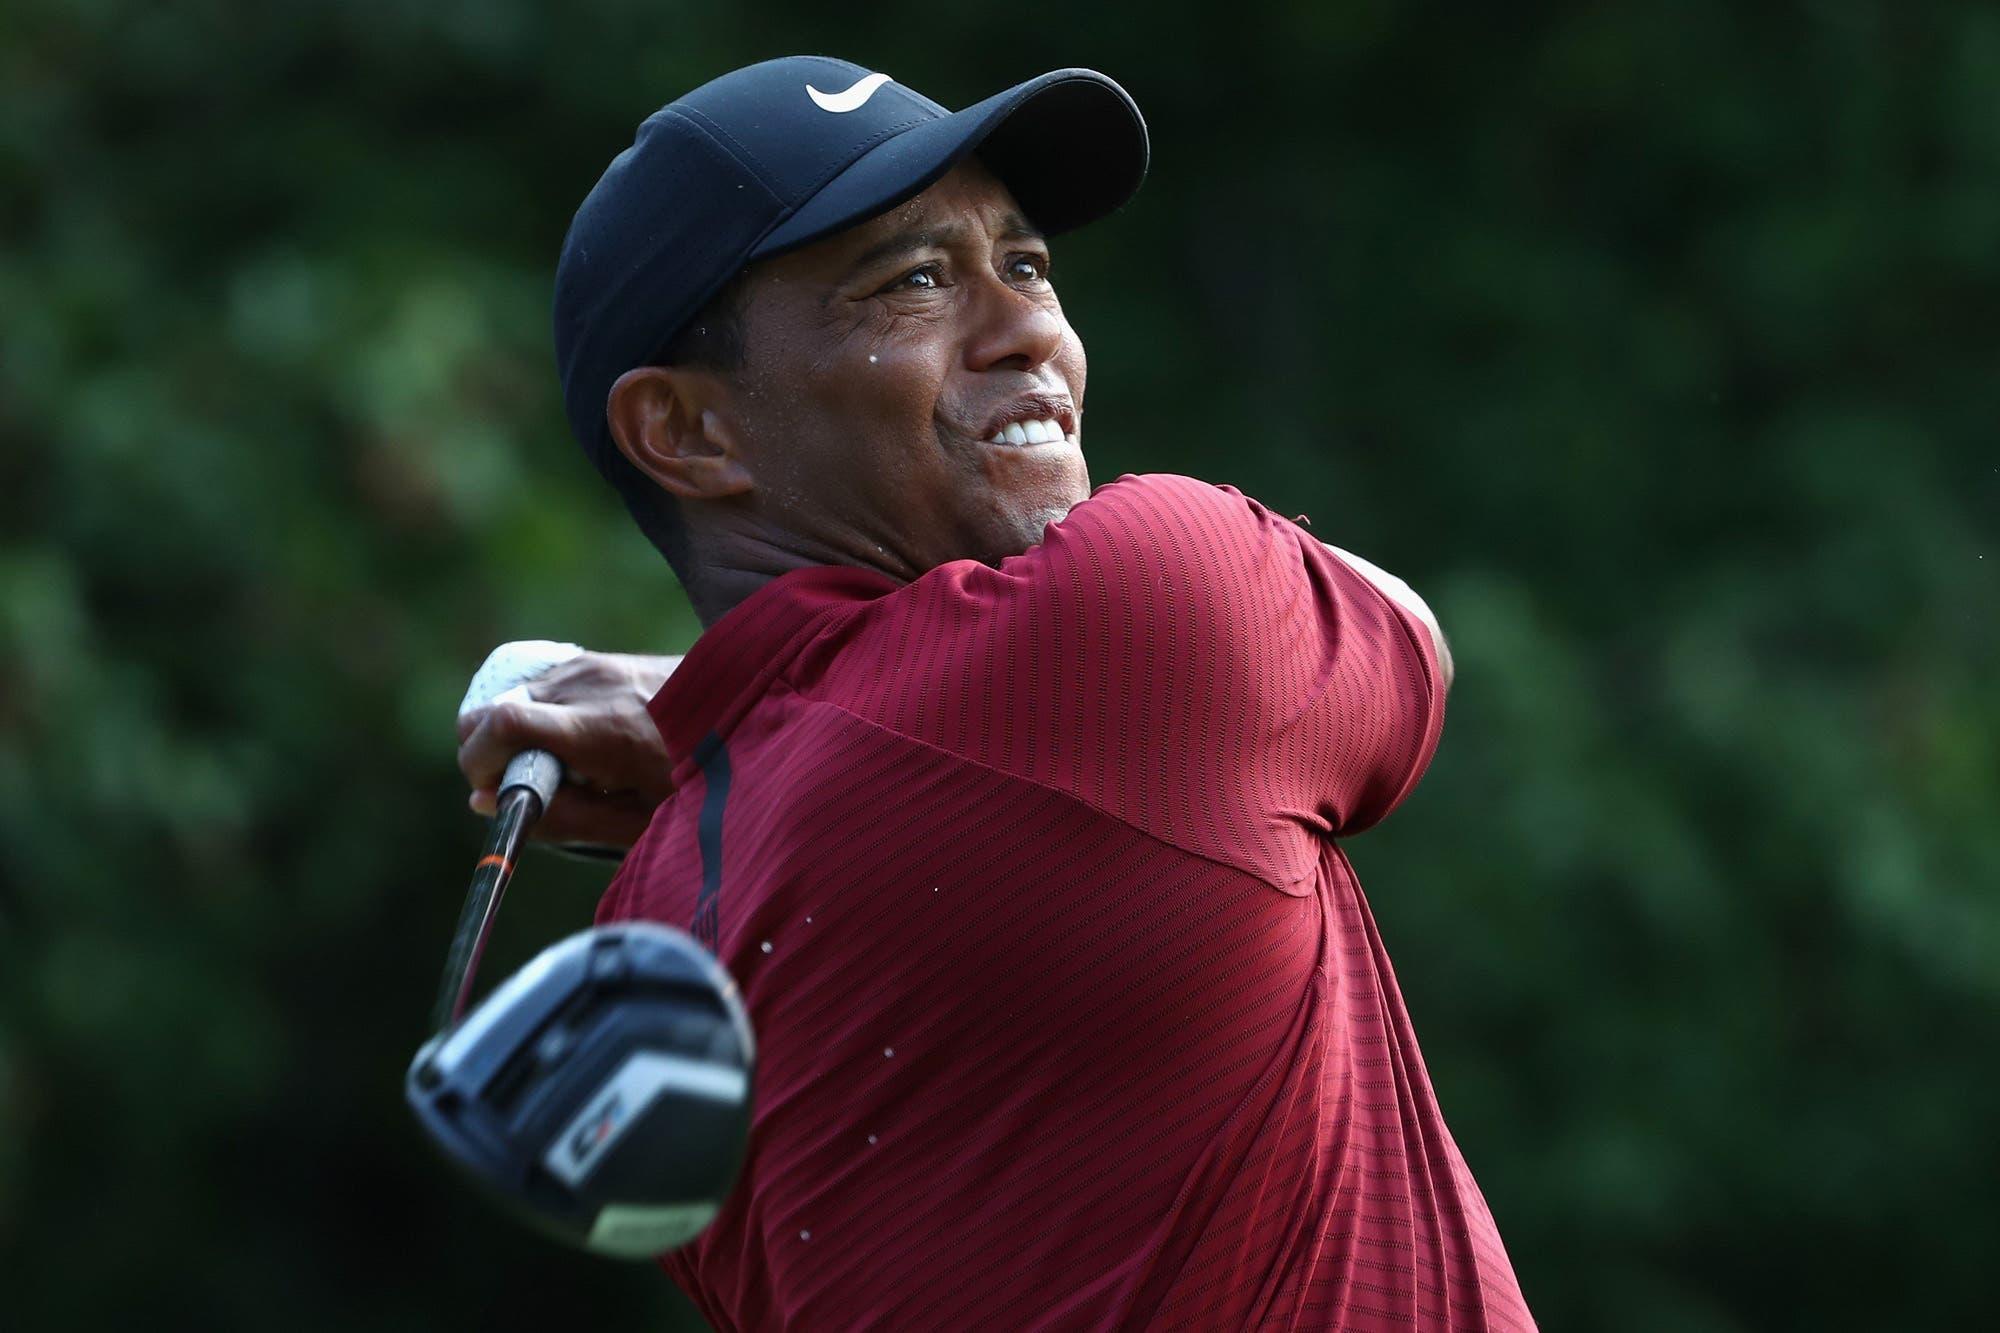 El renacido: cómo fue la vida de Tiger Woods durante los 11 años entre escándalos, operaciones y sin majors